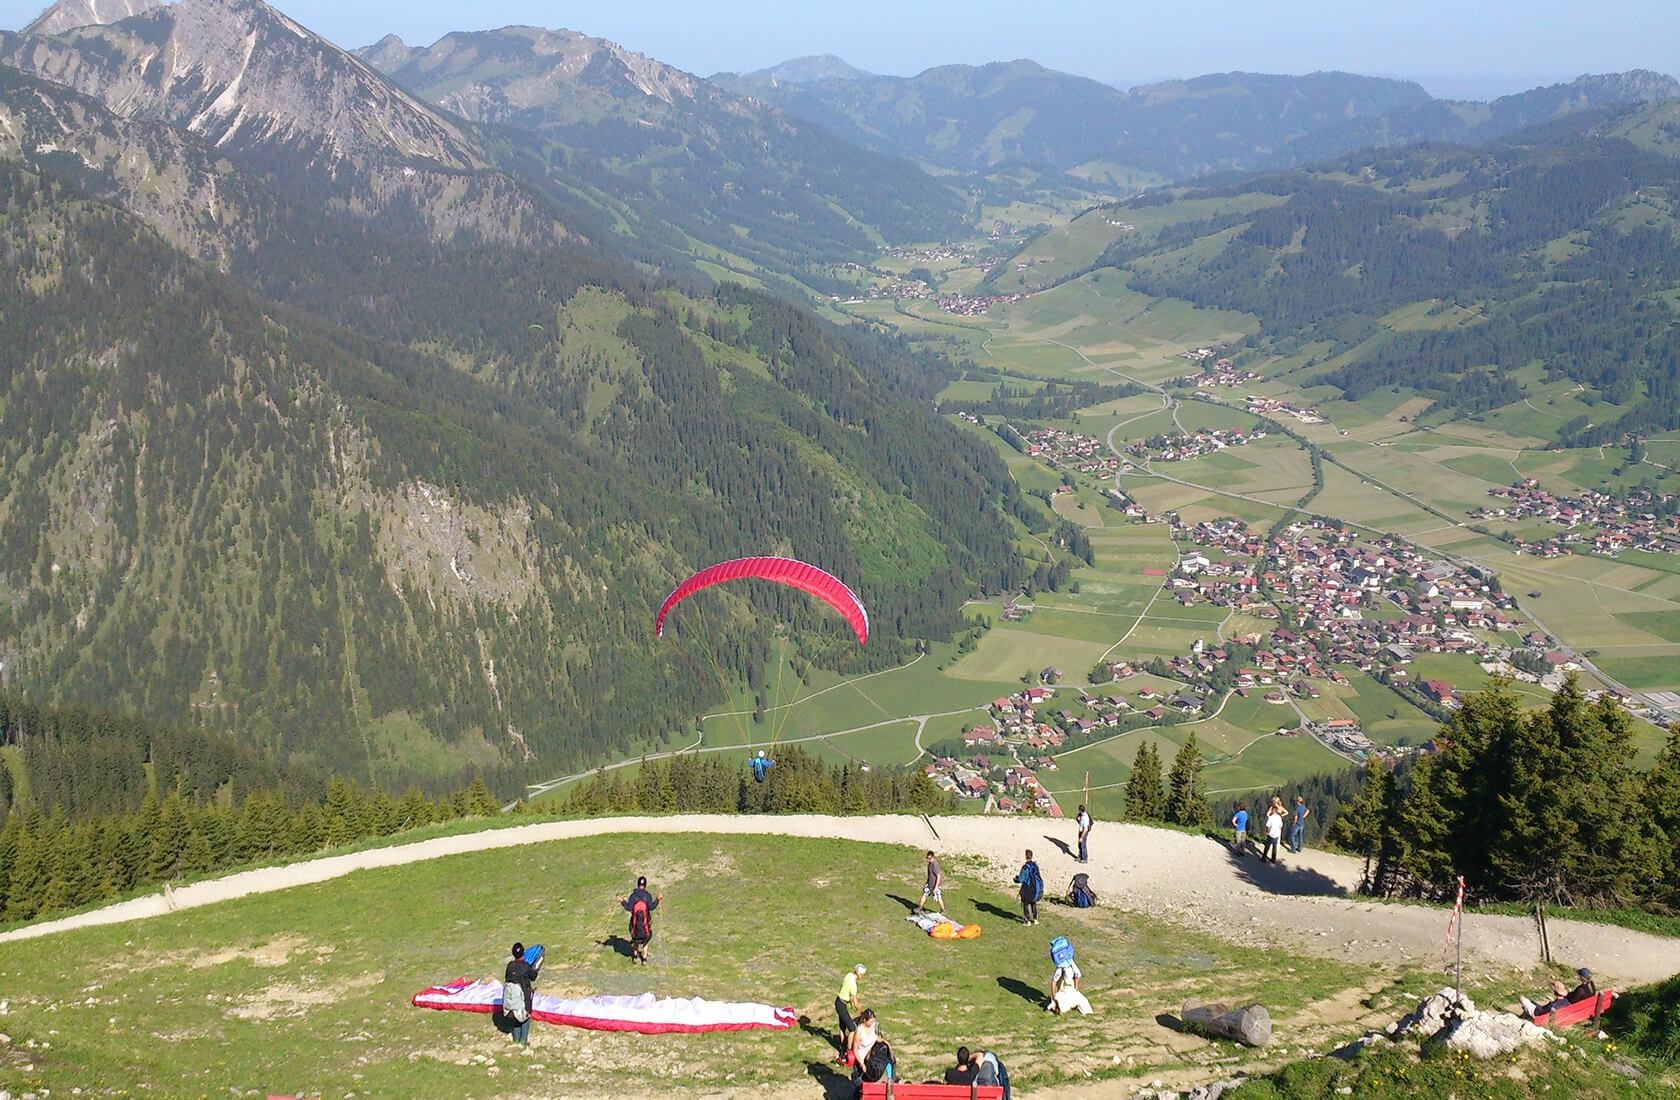 Sehenswerte Veranstaltungen im Tannheimer Tal